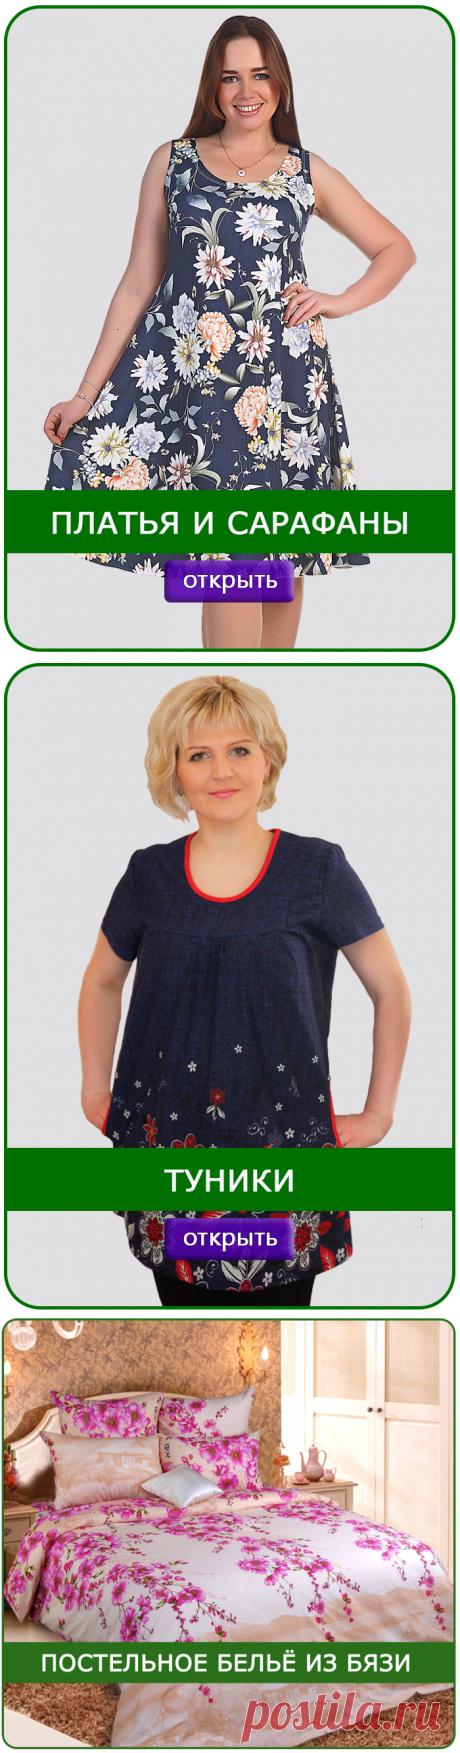 """Магазин """"СОНЛАЙН"""" - Постельное белье, Женская одежда из Иваново"""